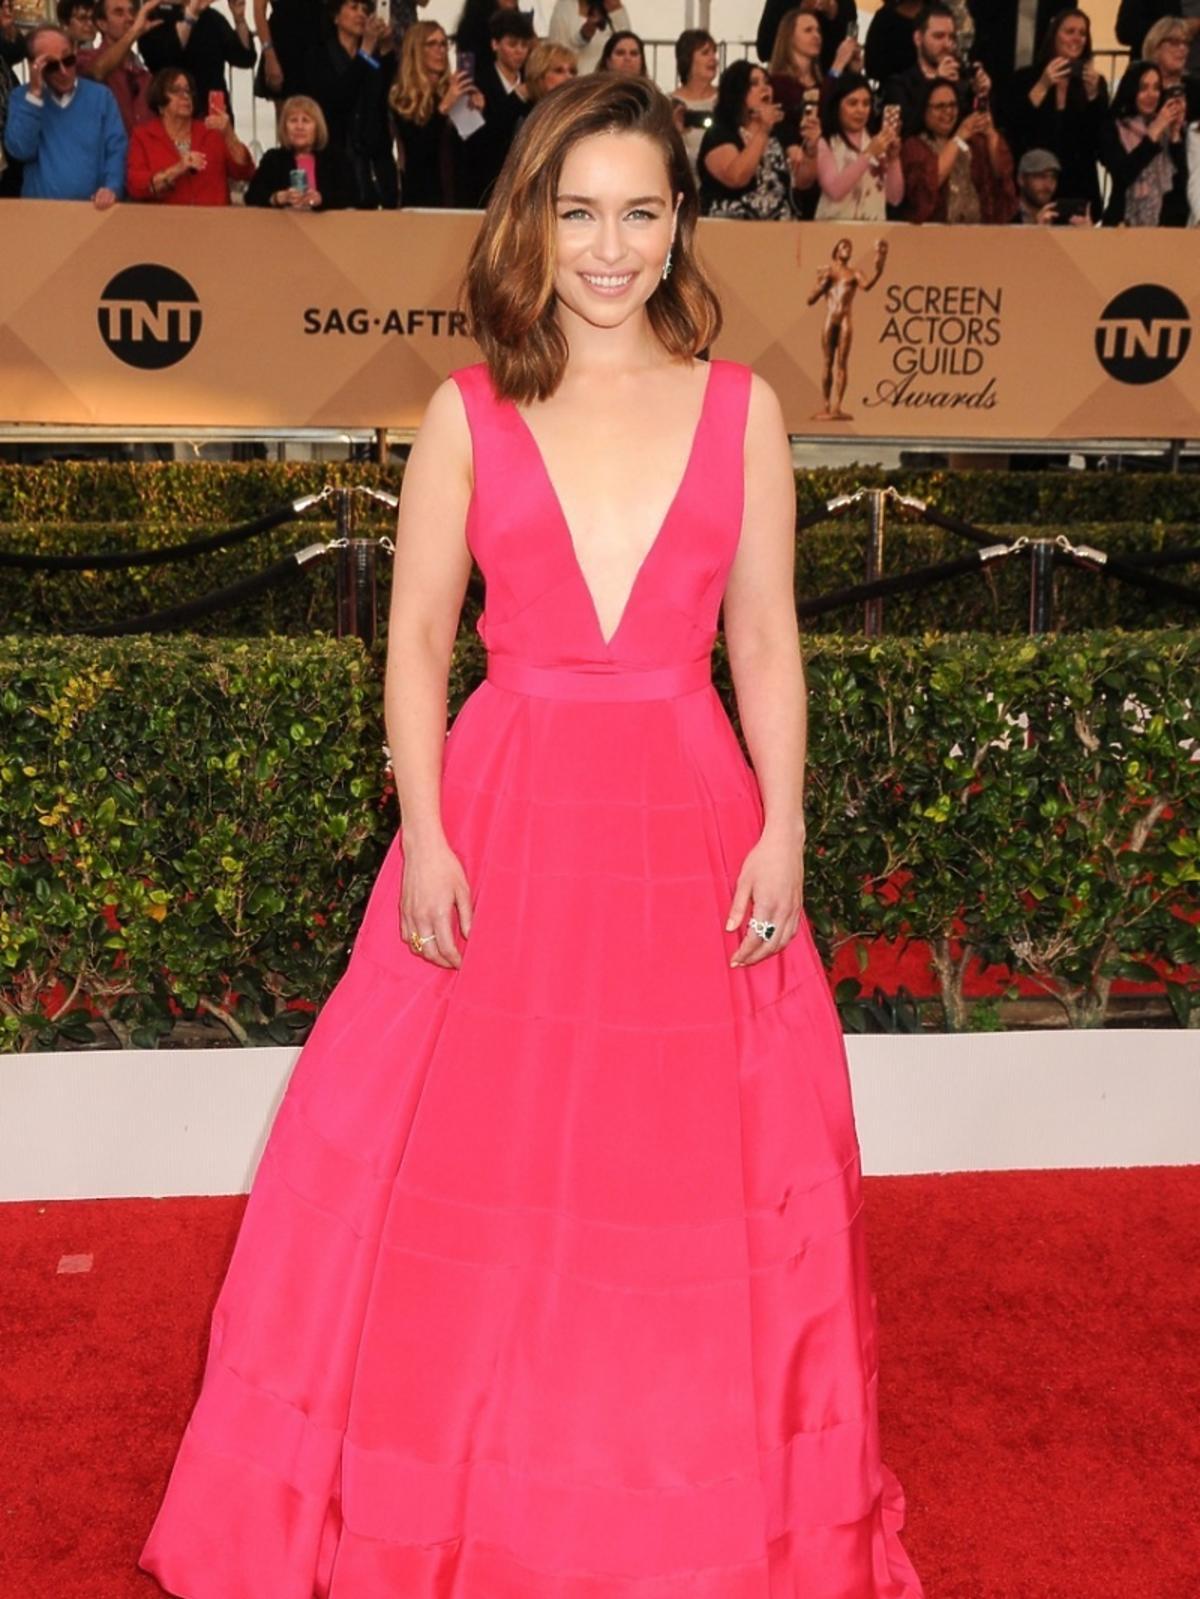 Emilia Clarke w sukni do ziemi w kolorze fuksji na czerwonym dywanie